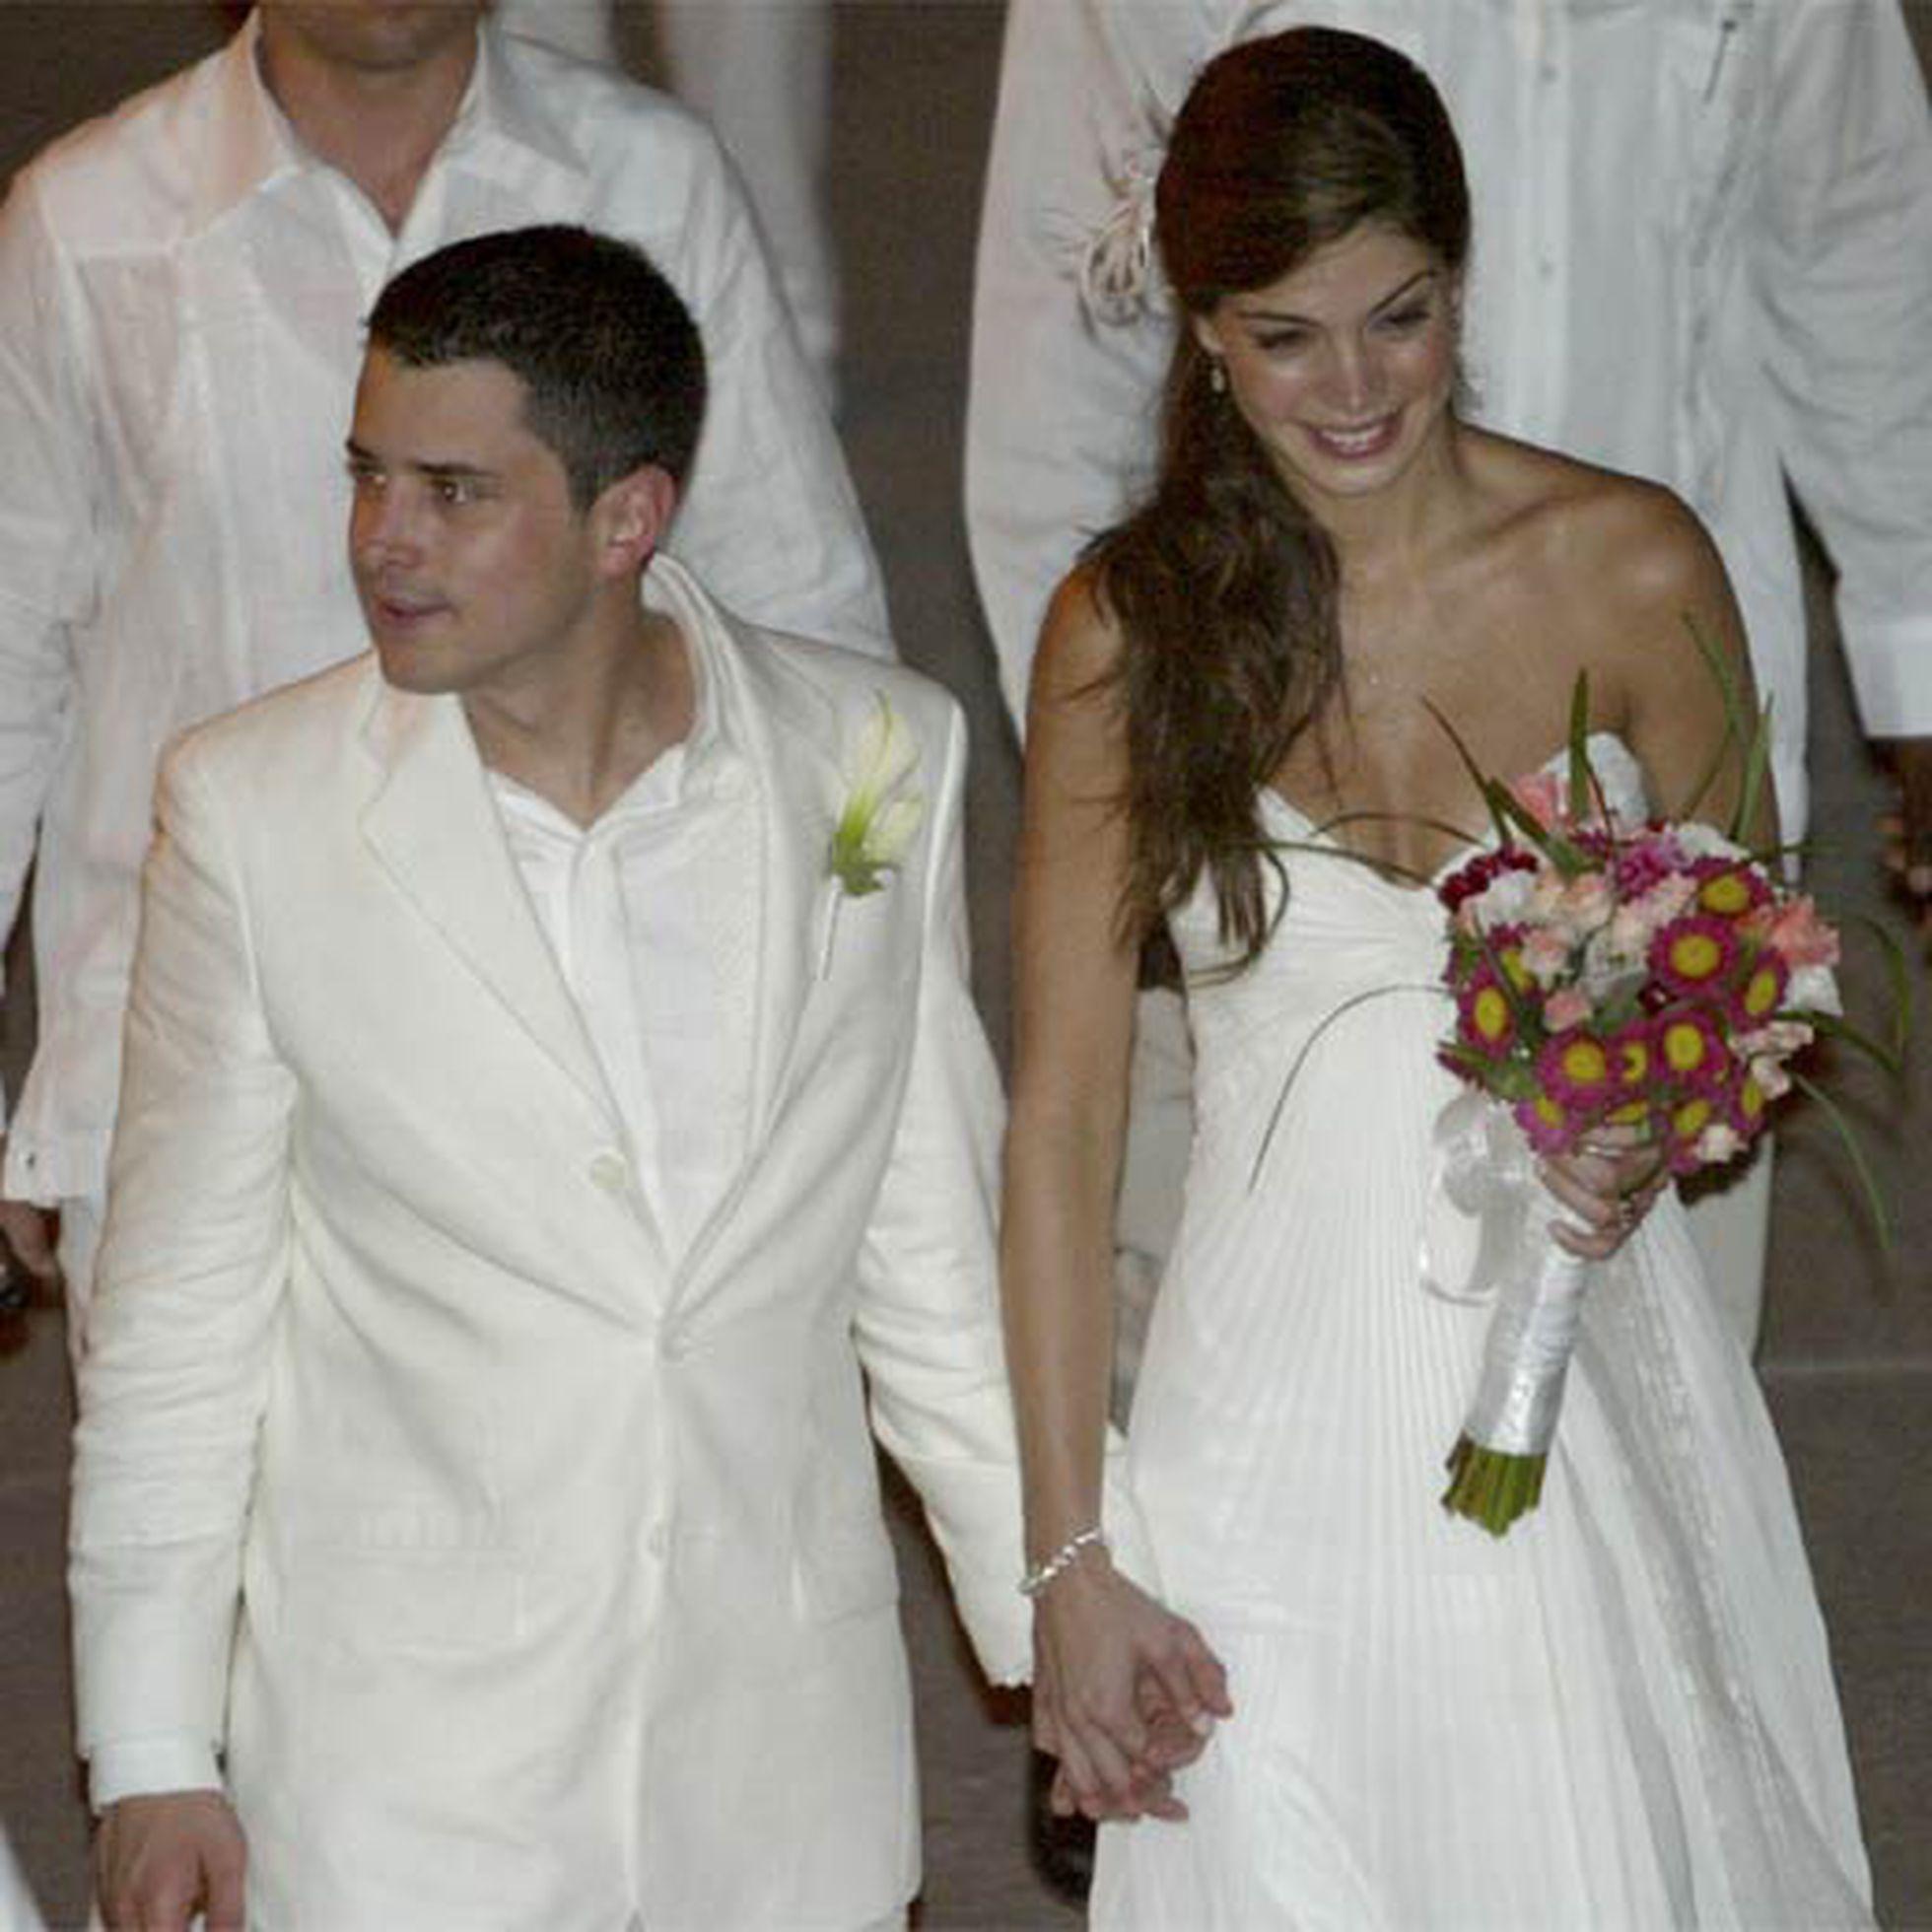 La boda del año en Mondoñedo